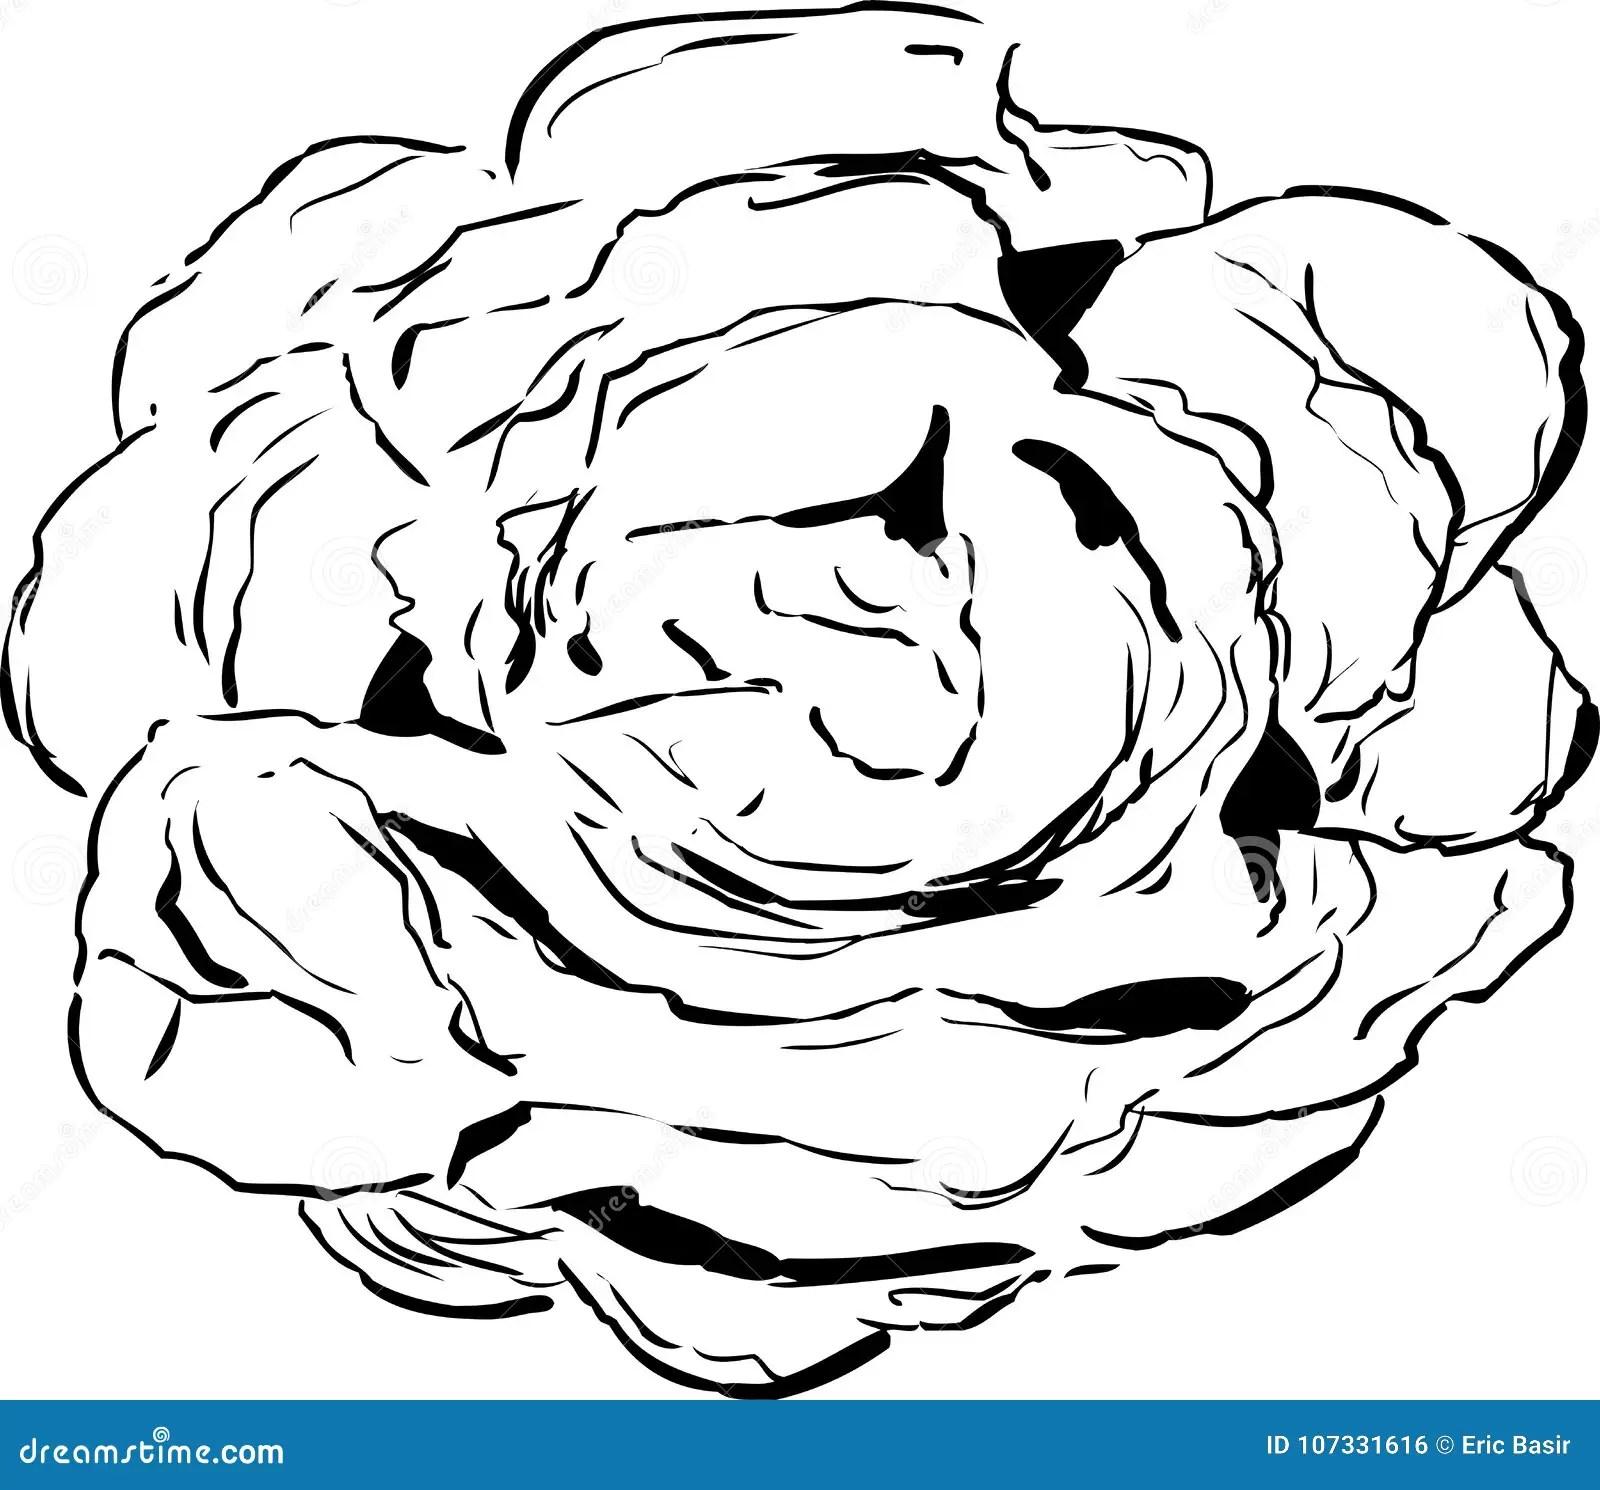 Desenho Esbocado Da Alface De Torneira Ilustracao Stock